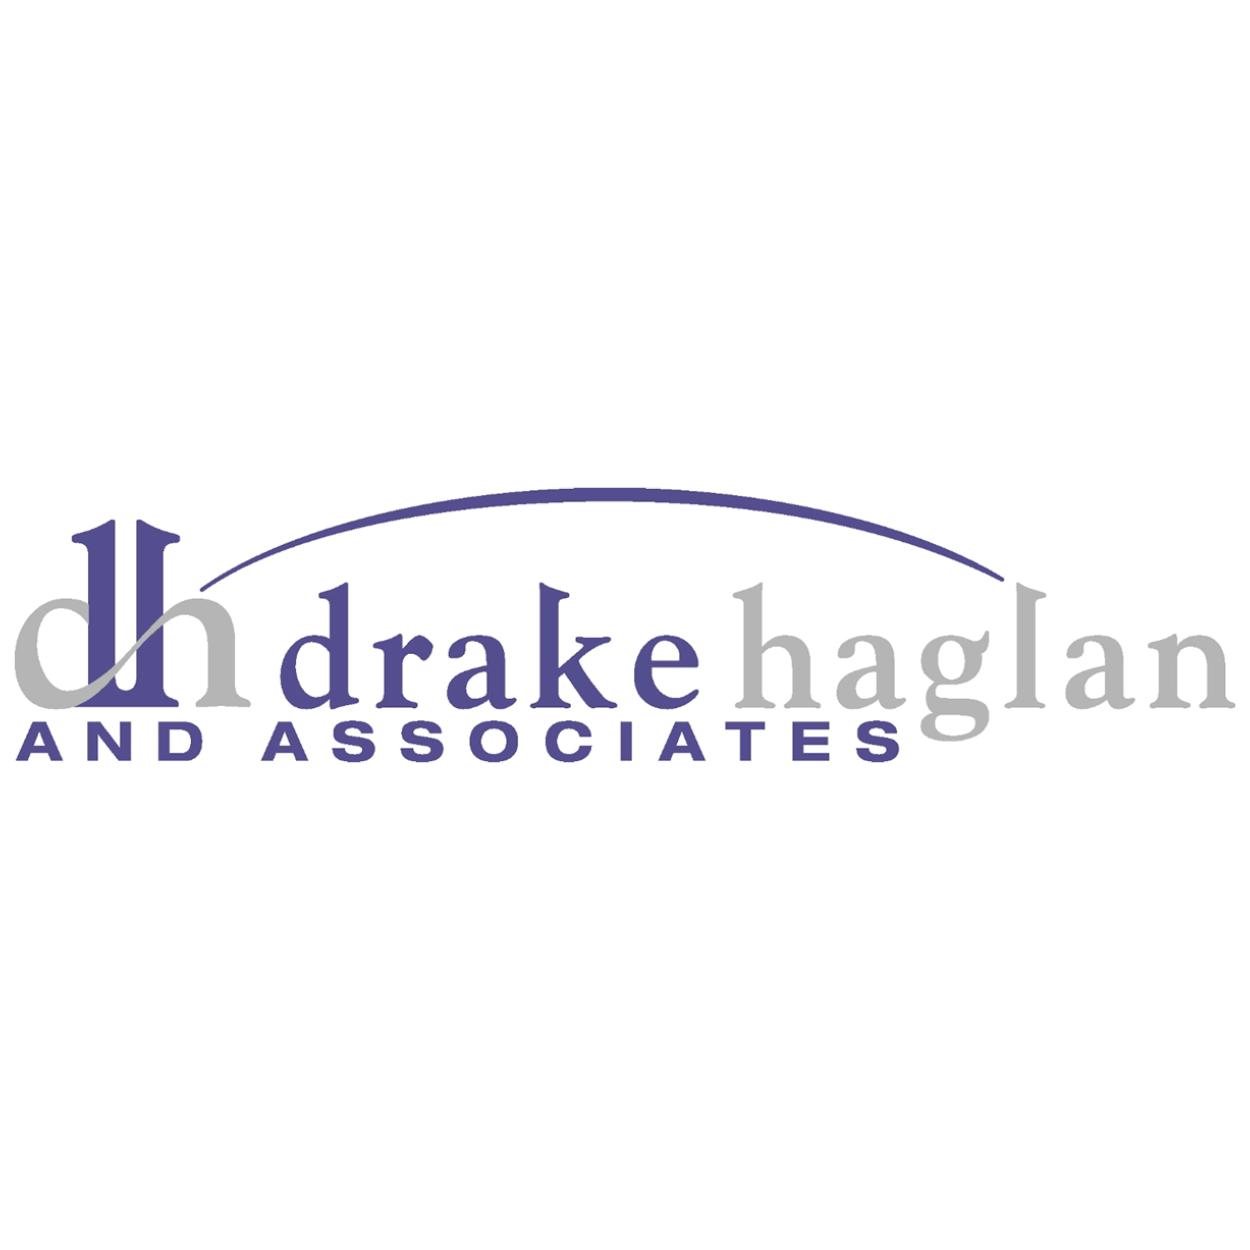 dh drake halgan logo